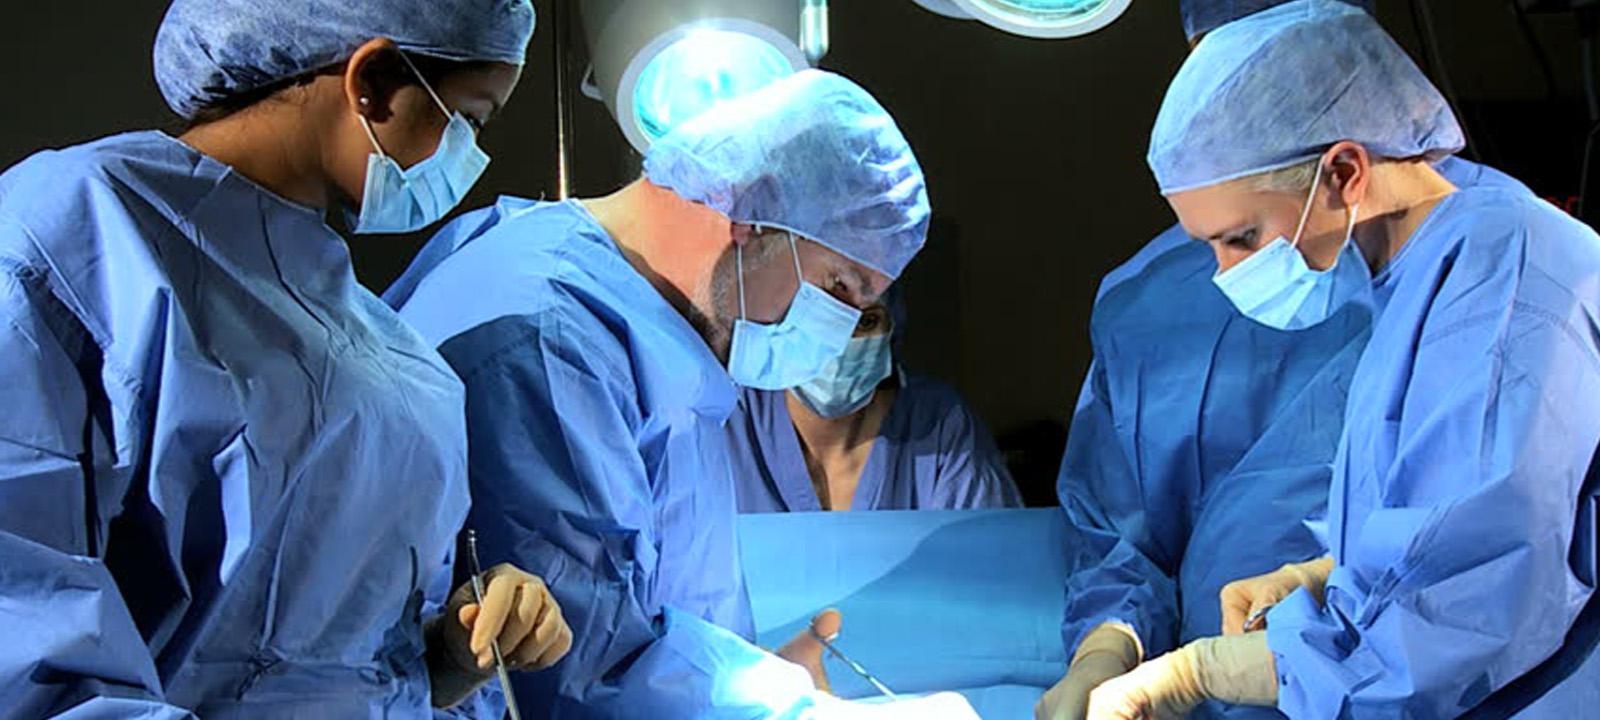 Ученые создали 3D-модель сердца с использованием тканей человека